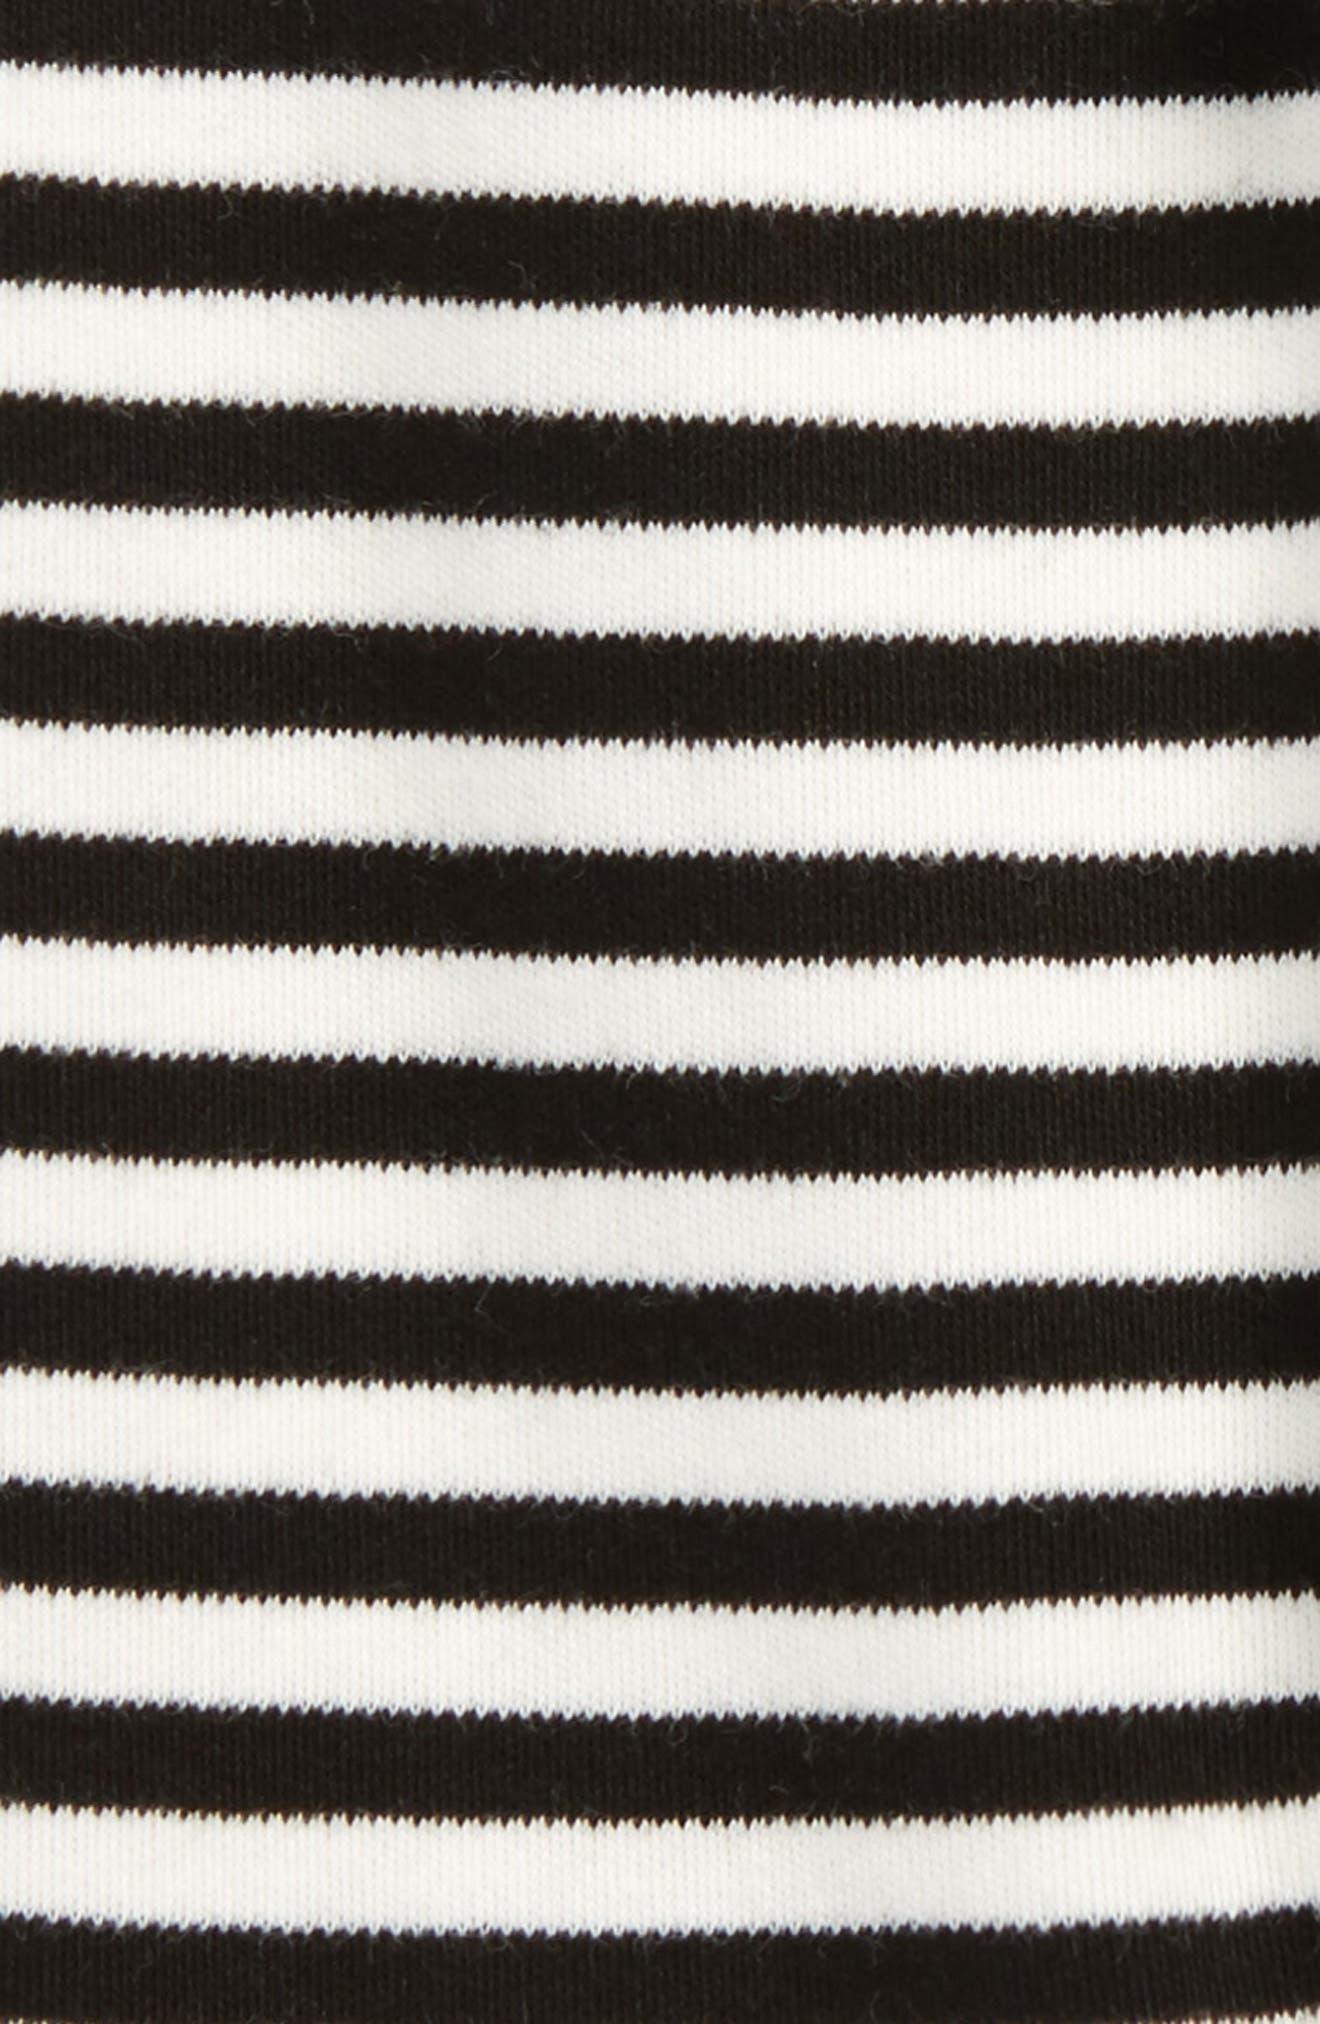 Stripe Organic Cotton Jogger Pants,                             Alternate thumbnail 2, color,                             Black/ Off White